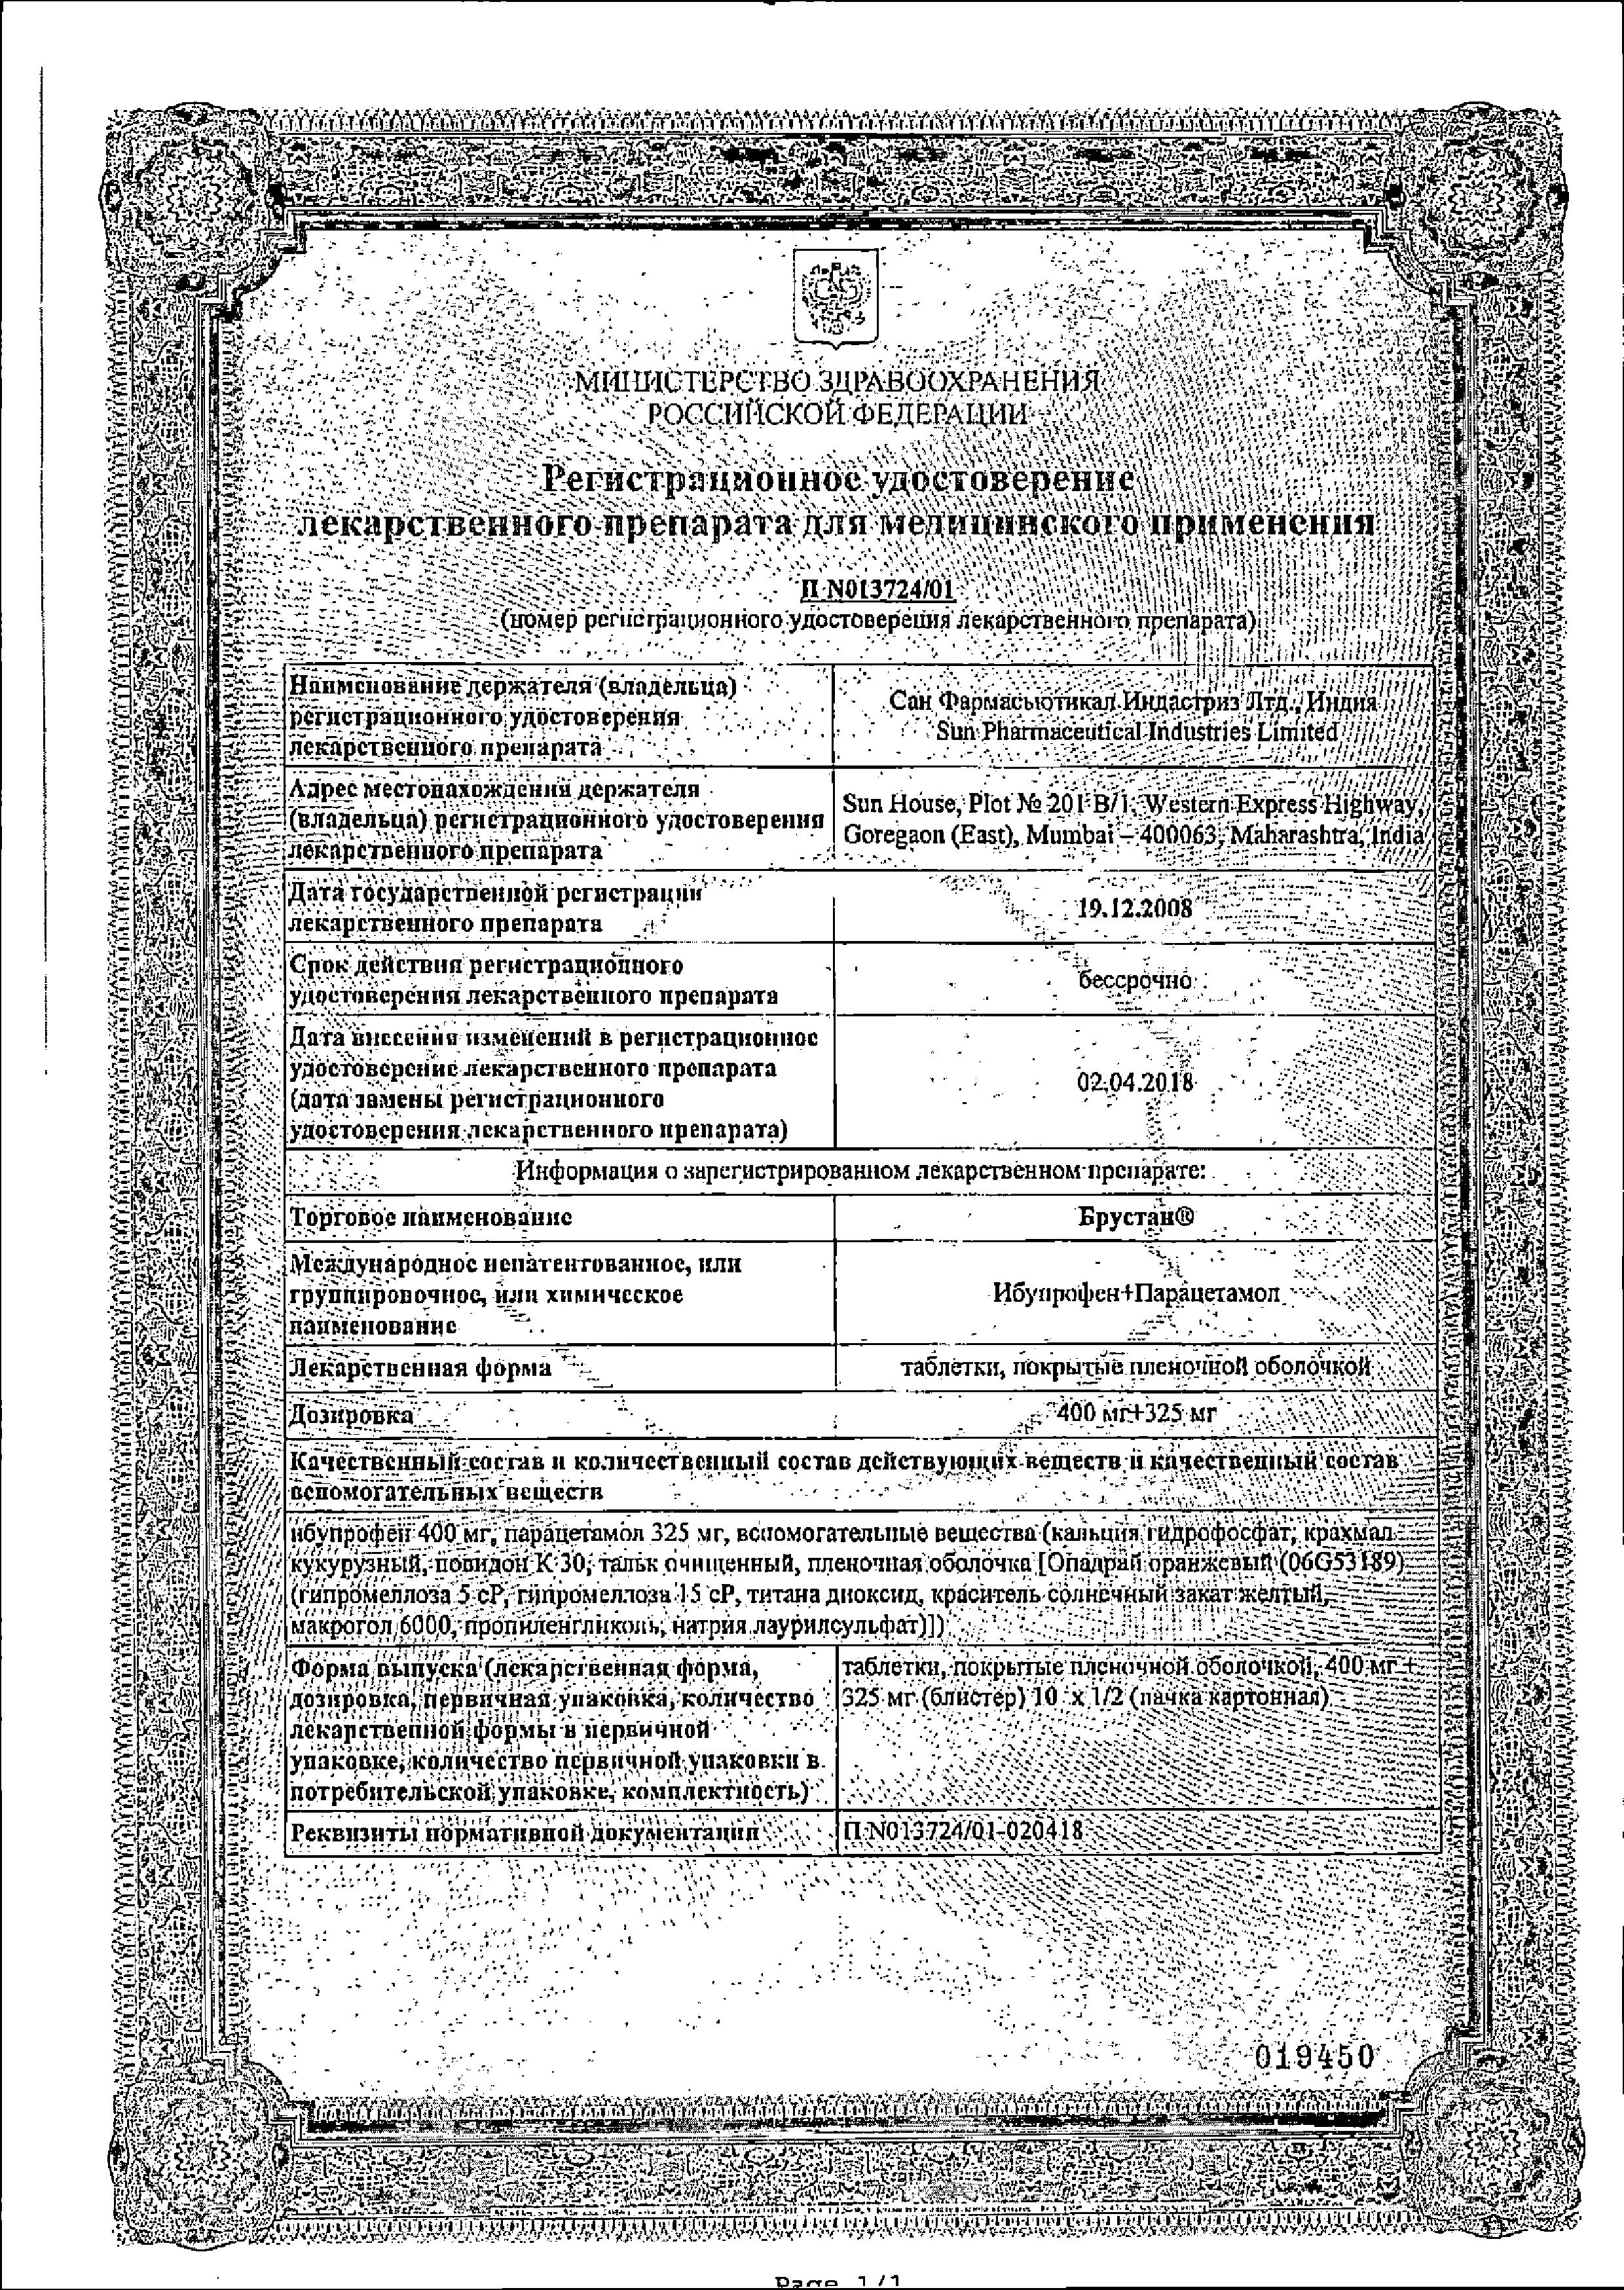 Брустан сертификат